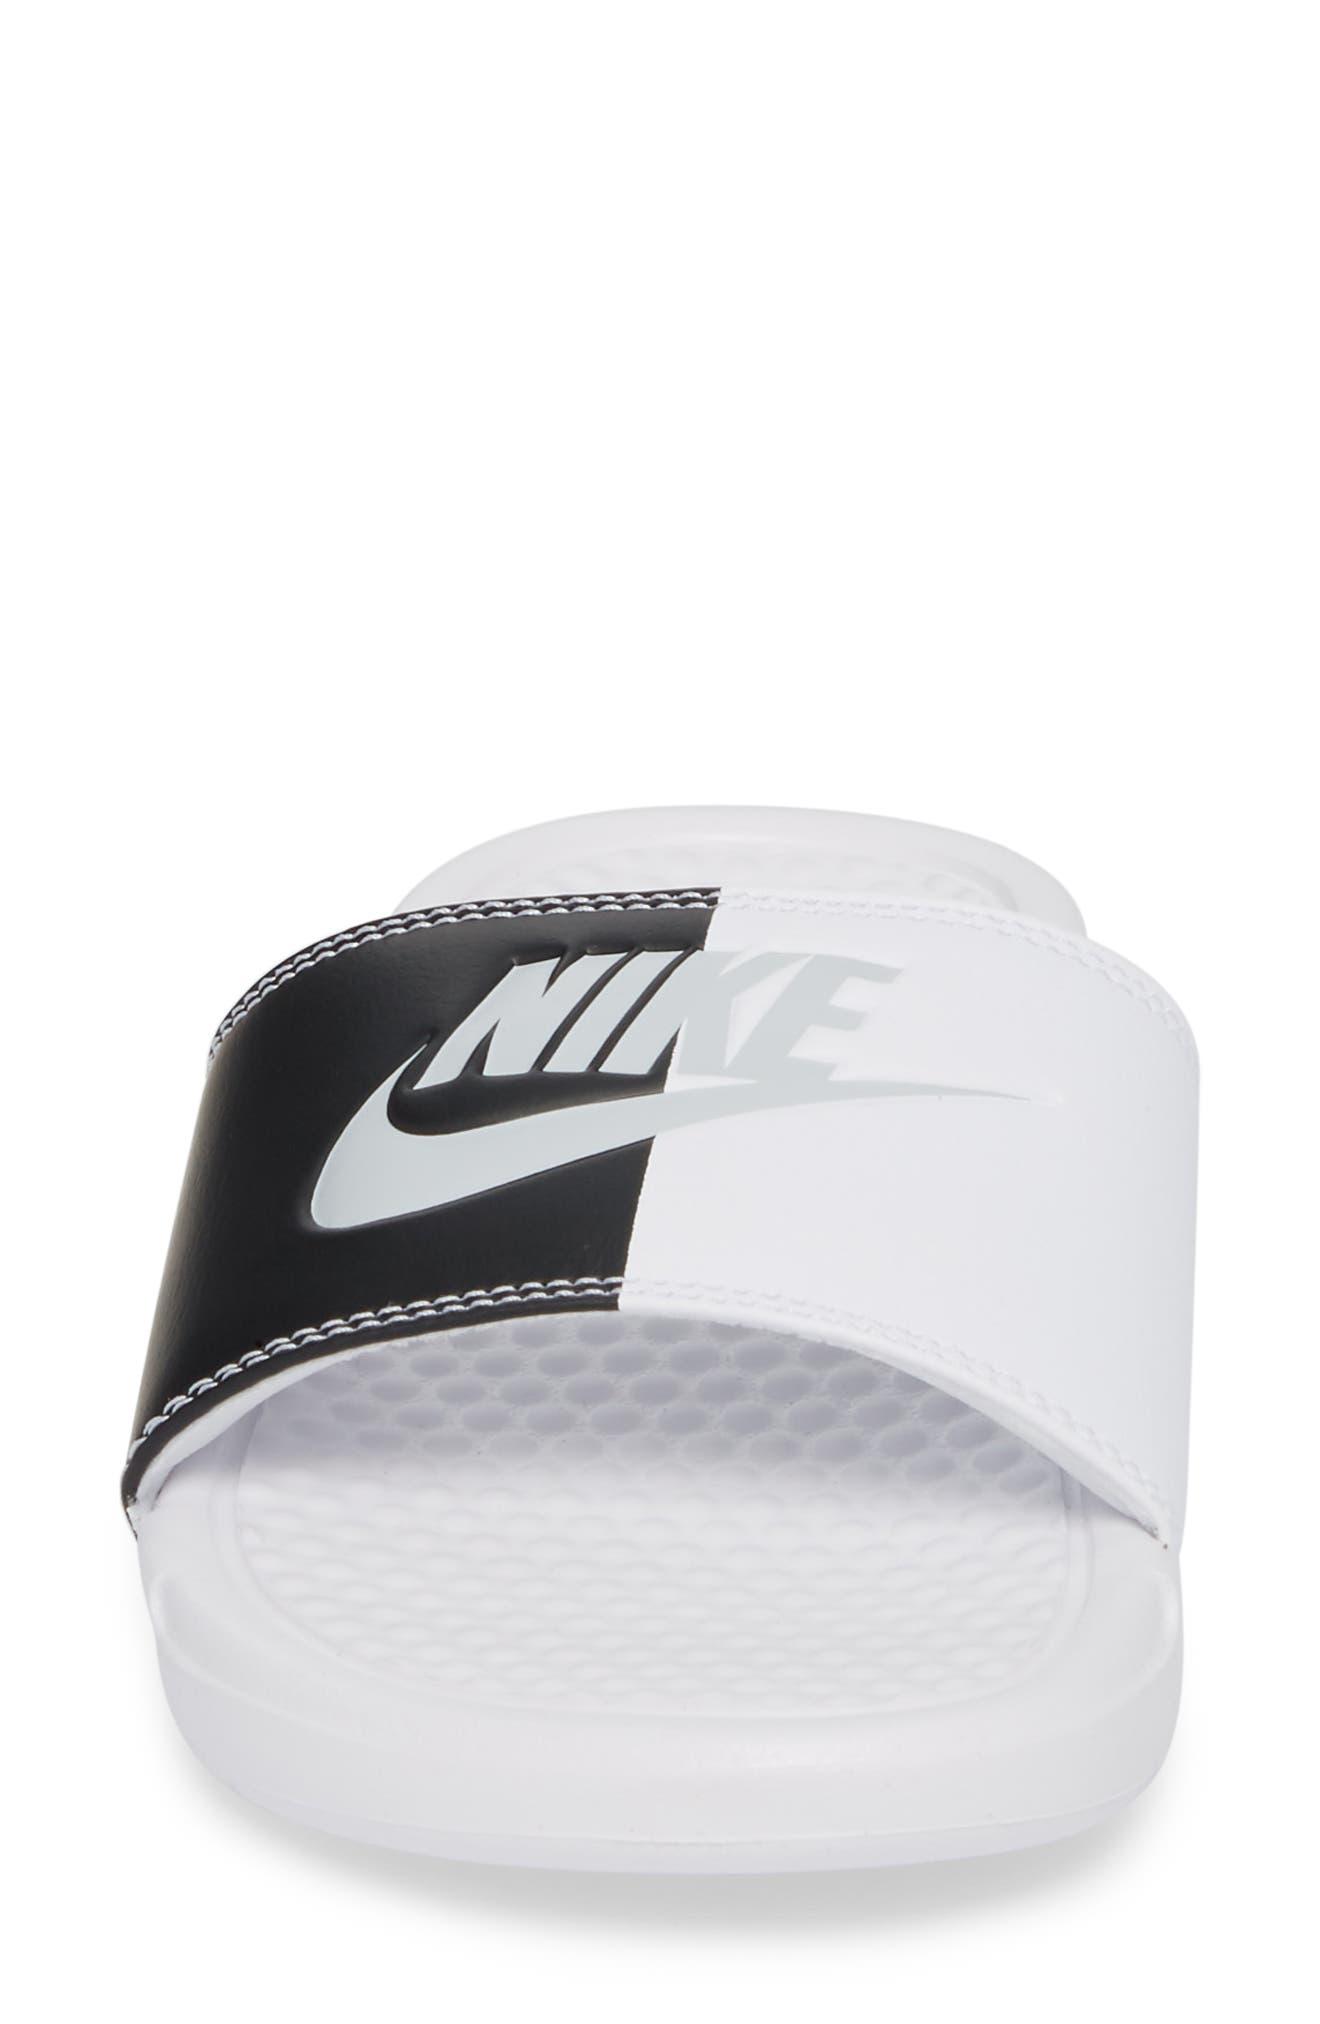 Benassi JDI Slide Sandal,                             Alternate thumbnail 4, color,                             White/ Pure Platinum